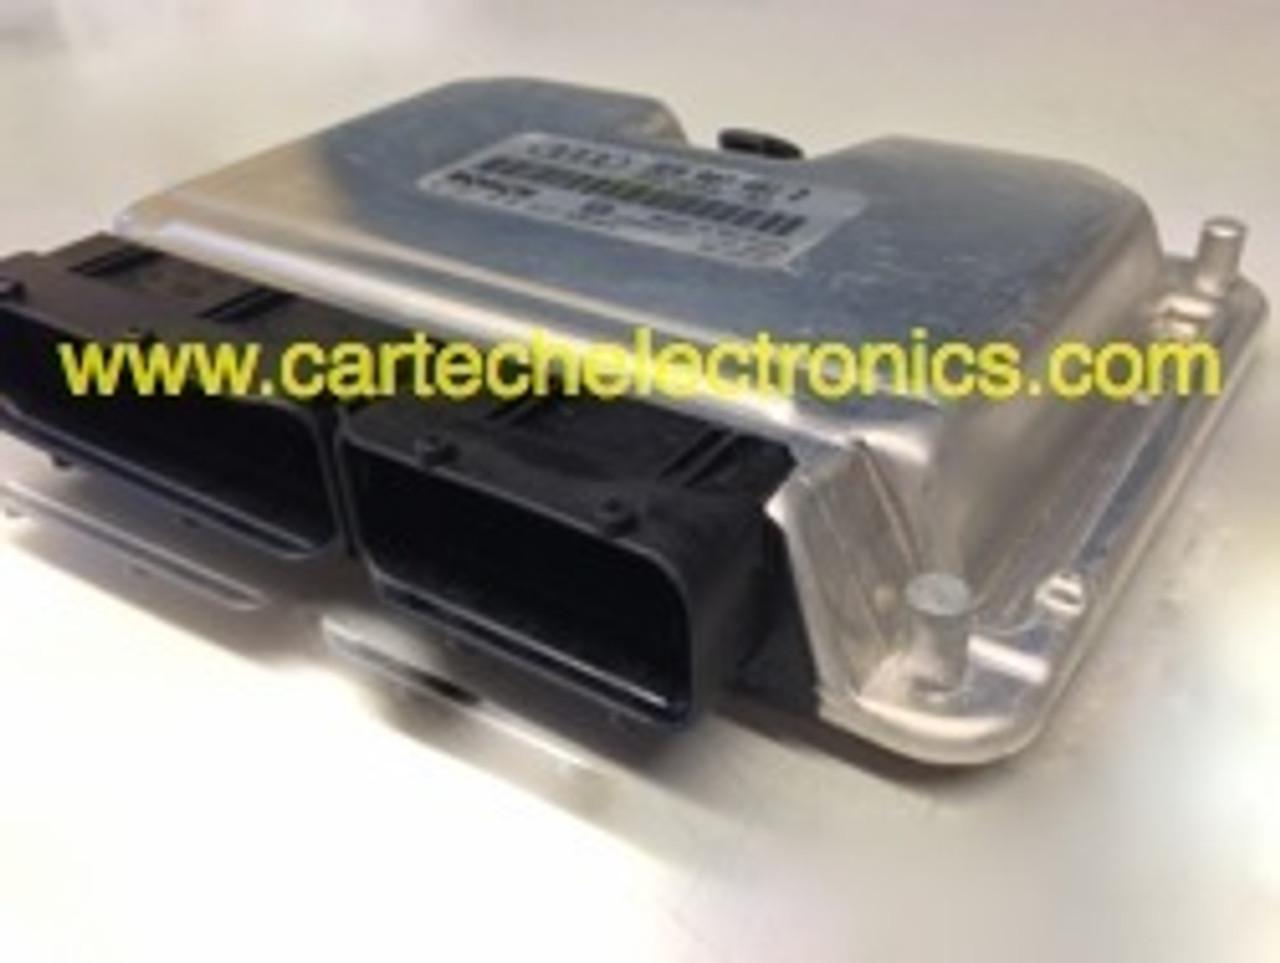 Ford Galaxy 1.9 TDI (ANU), 0281011190, 0281 011 190, 038906019LE, 038 906 019 LE, EDC15P+